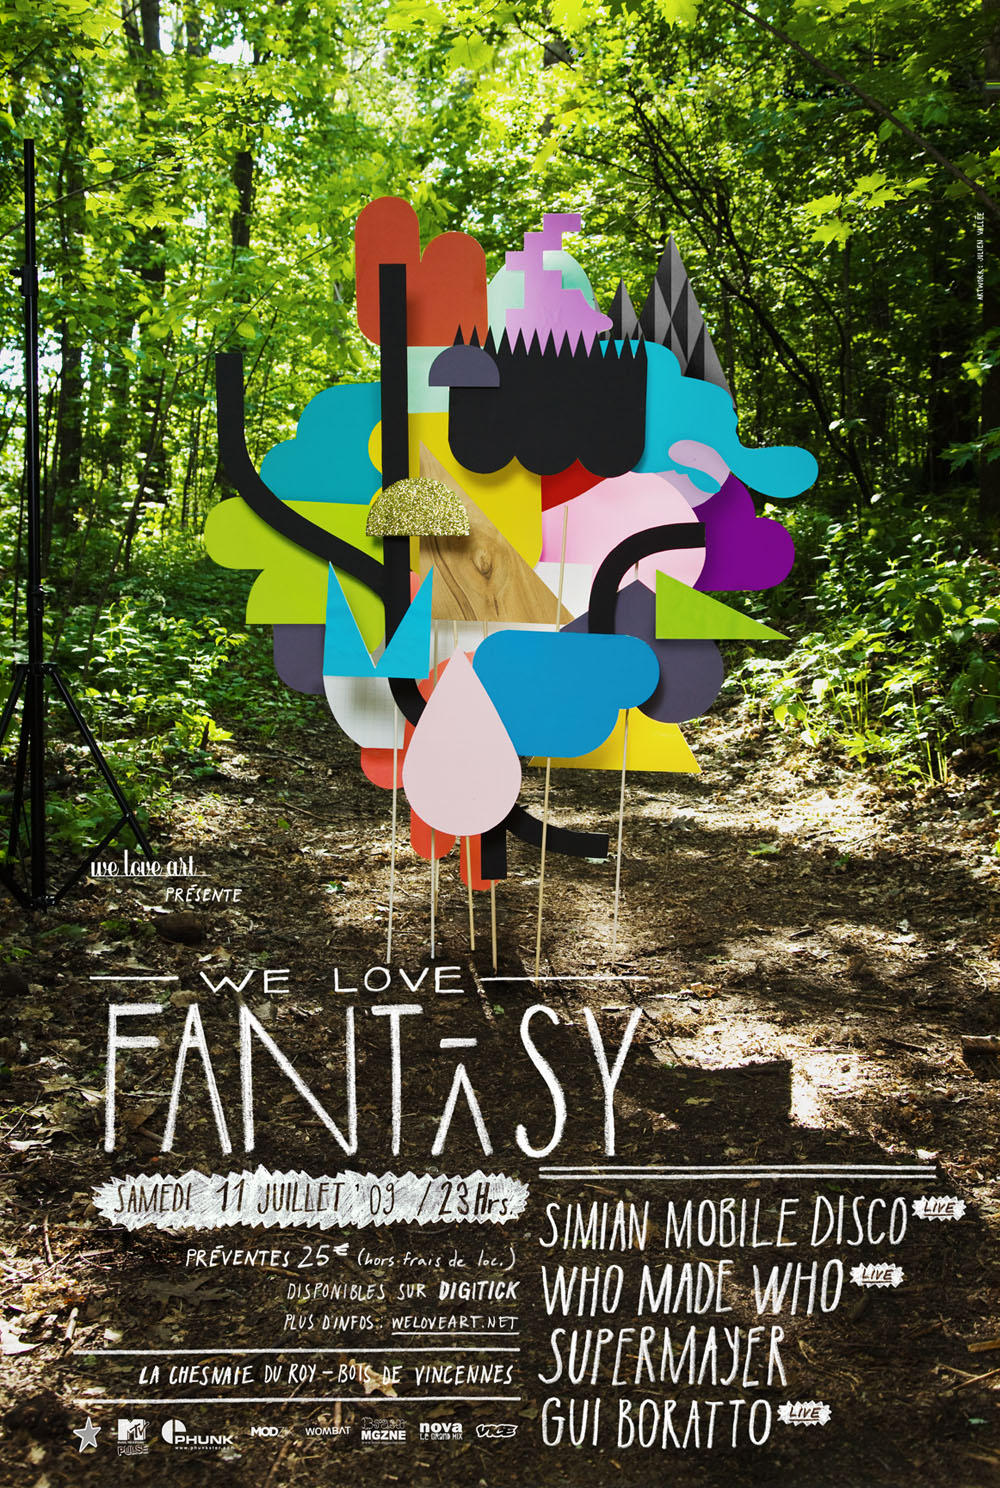 wla-fantasy-jvallee01.jpg (1000×1488)